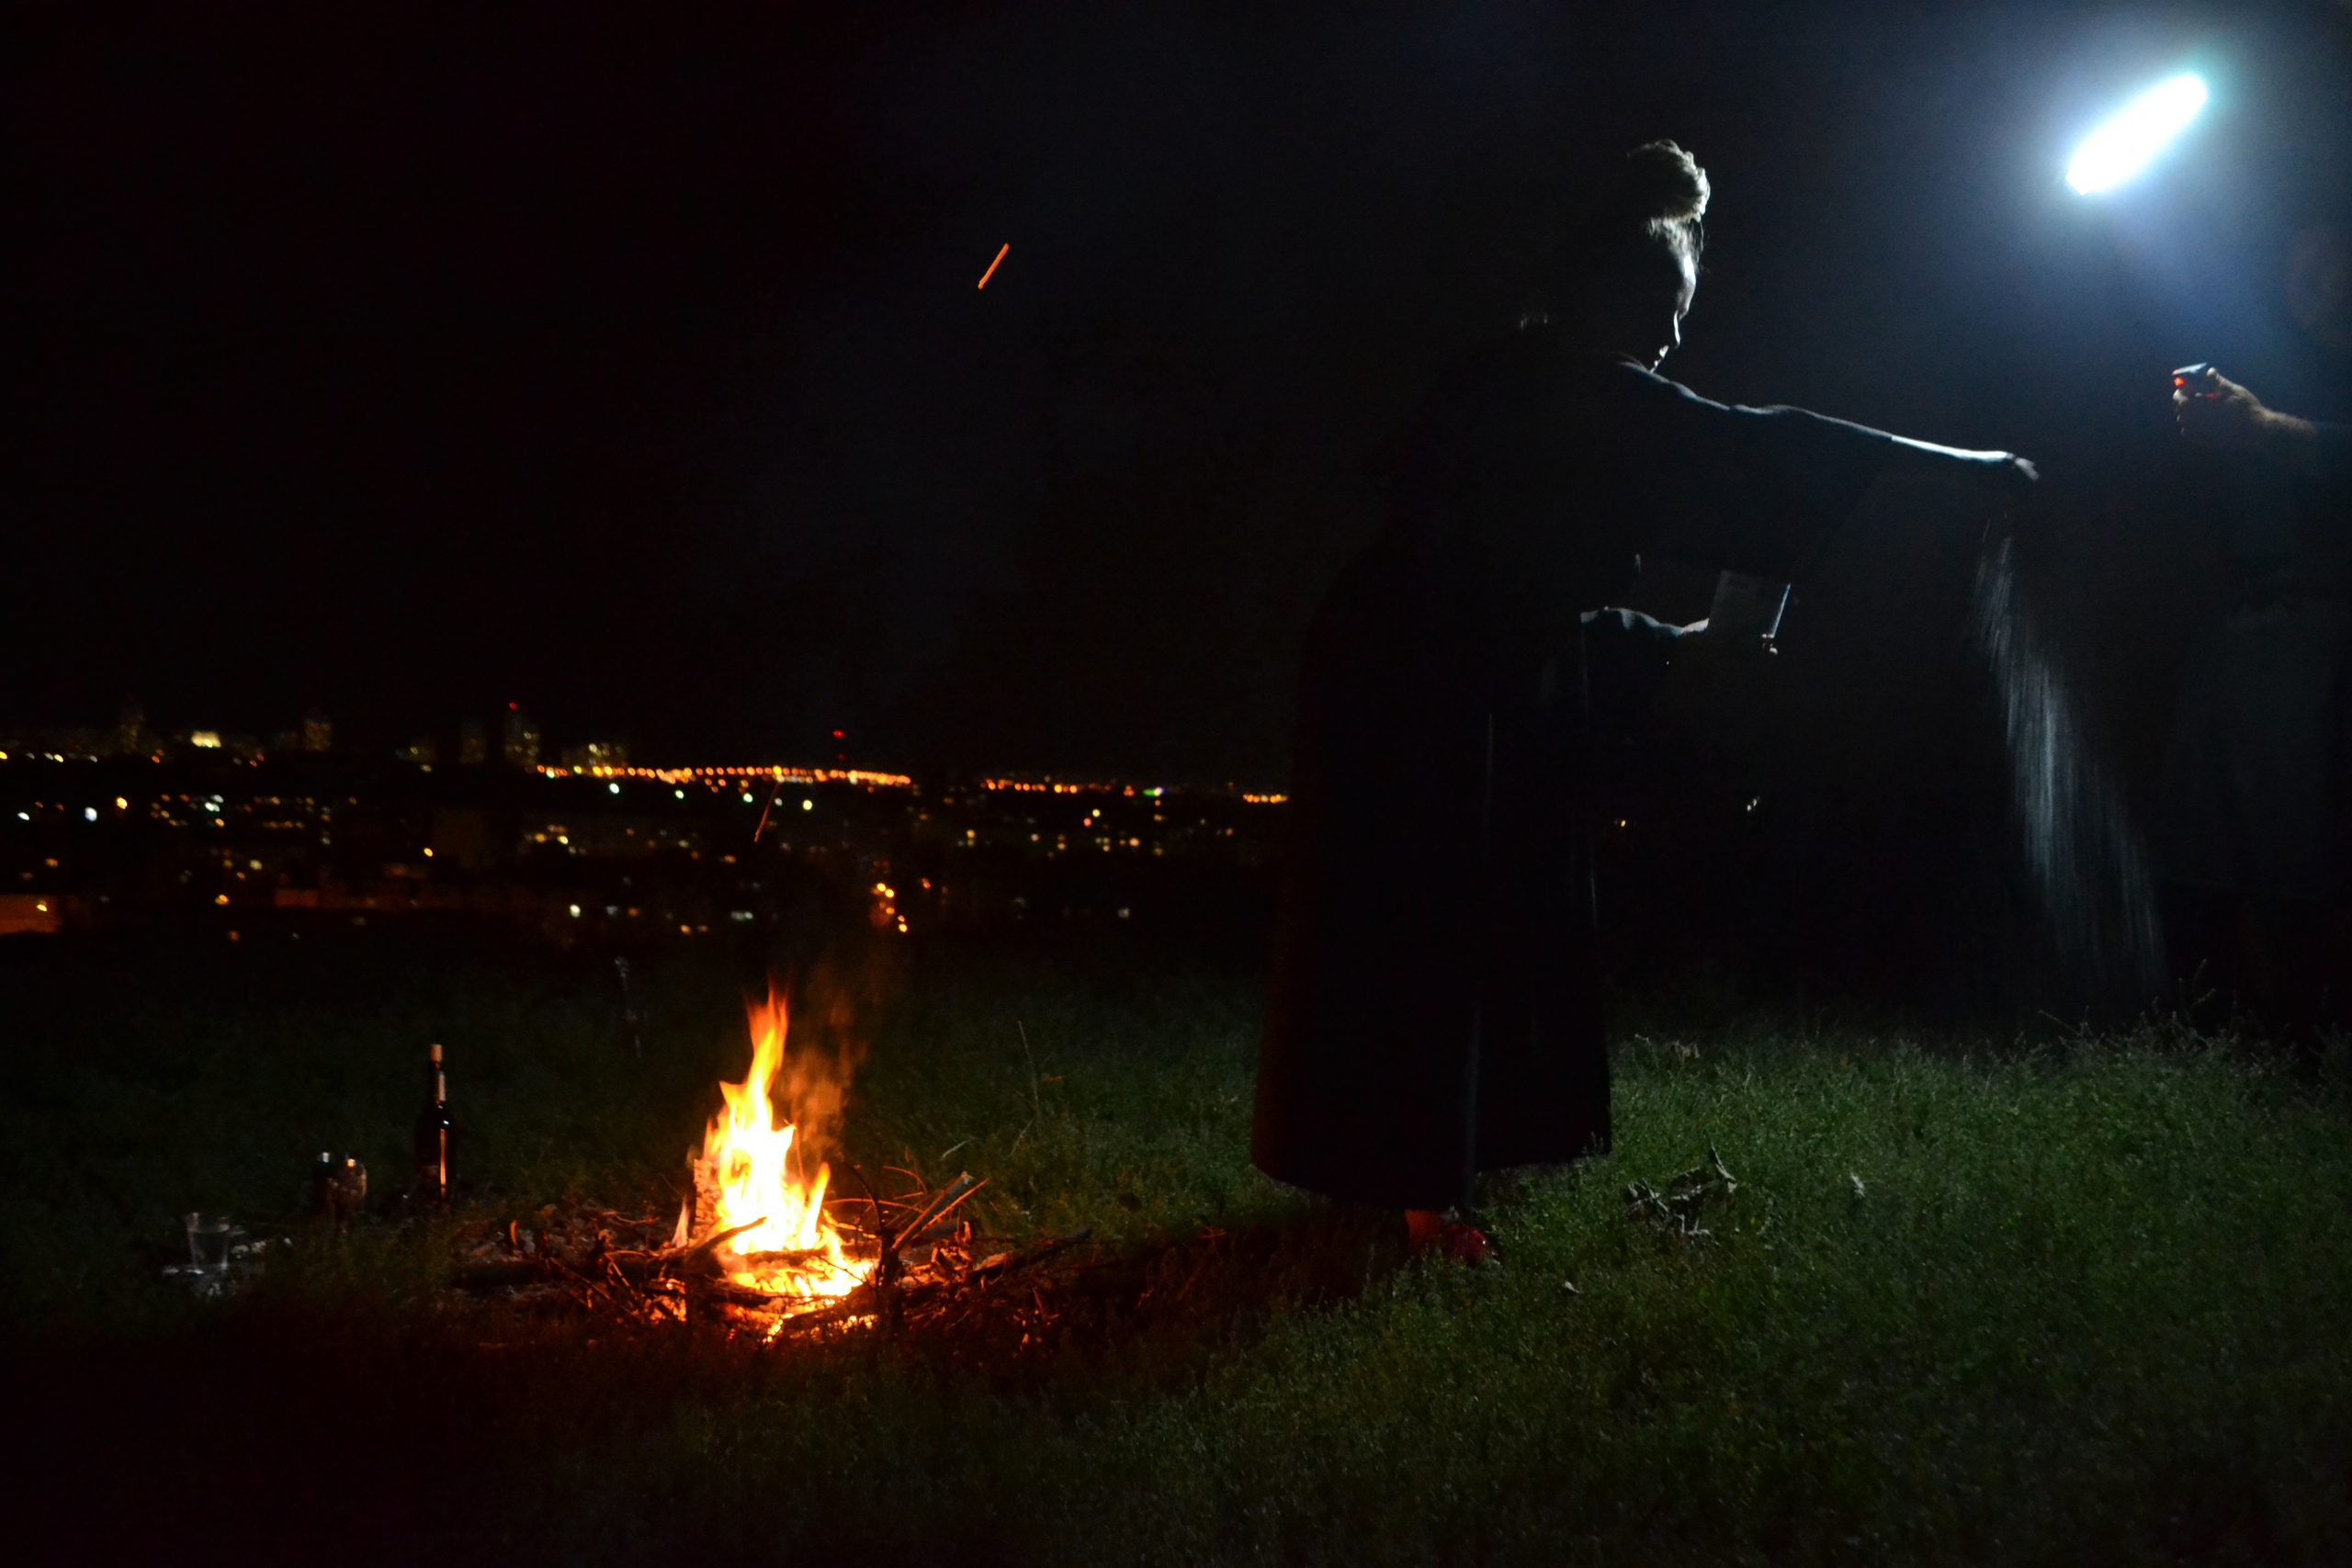 Елена Руденко (Валтея). Украина. Киев. Гора Щековица. Закрытый обряд. 2018 г . (ФОТО). AU8Rdi7W7eY